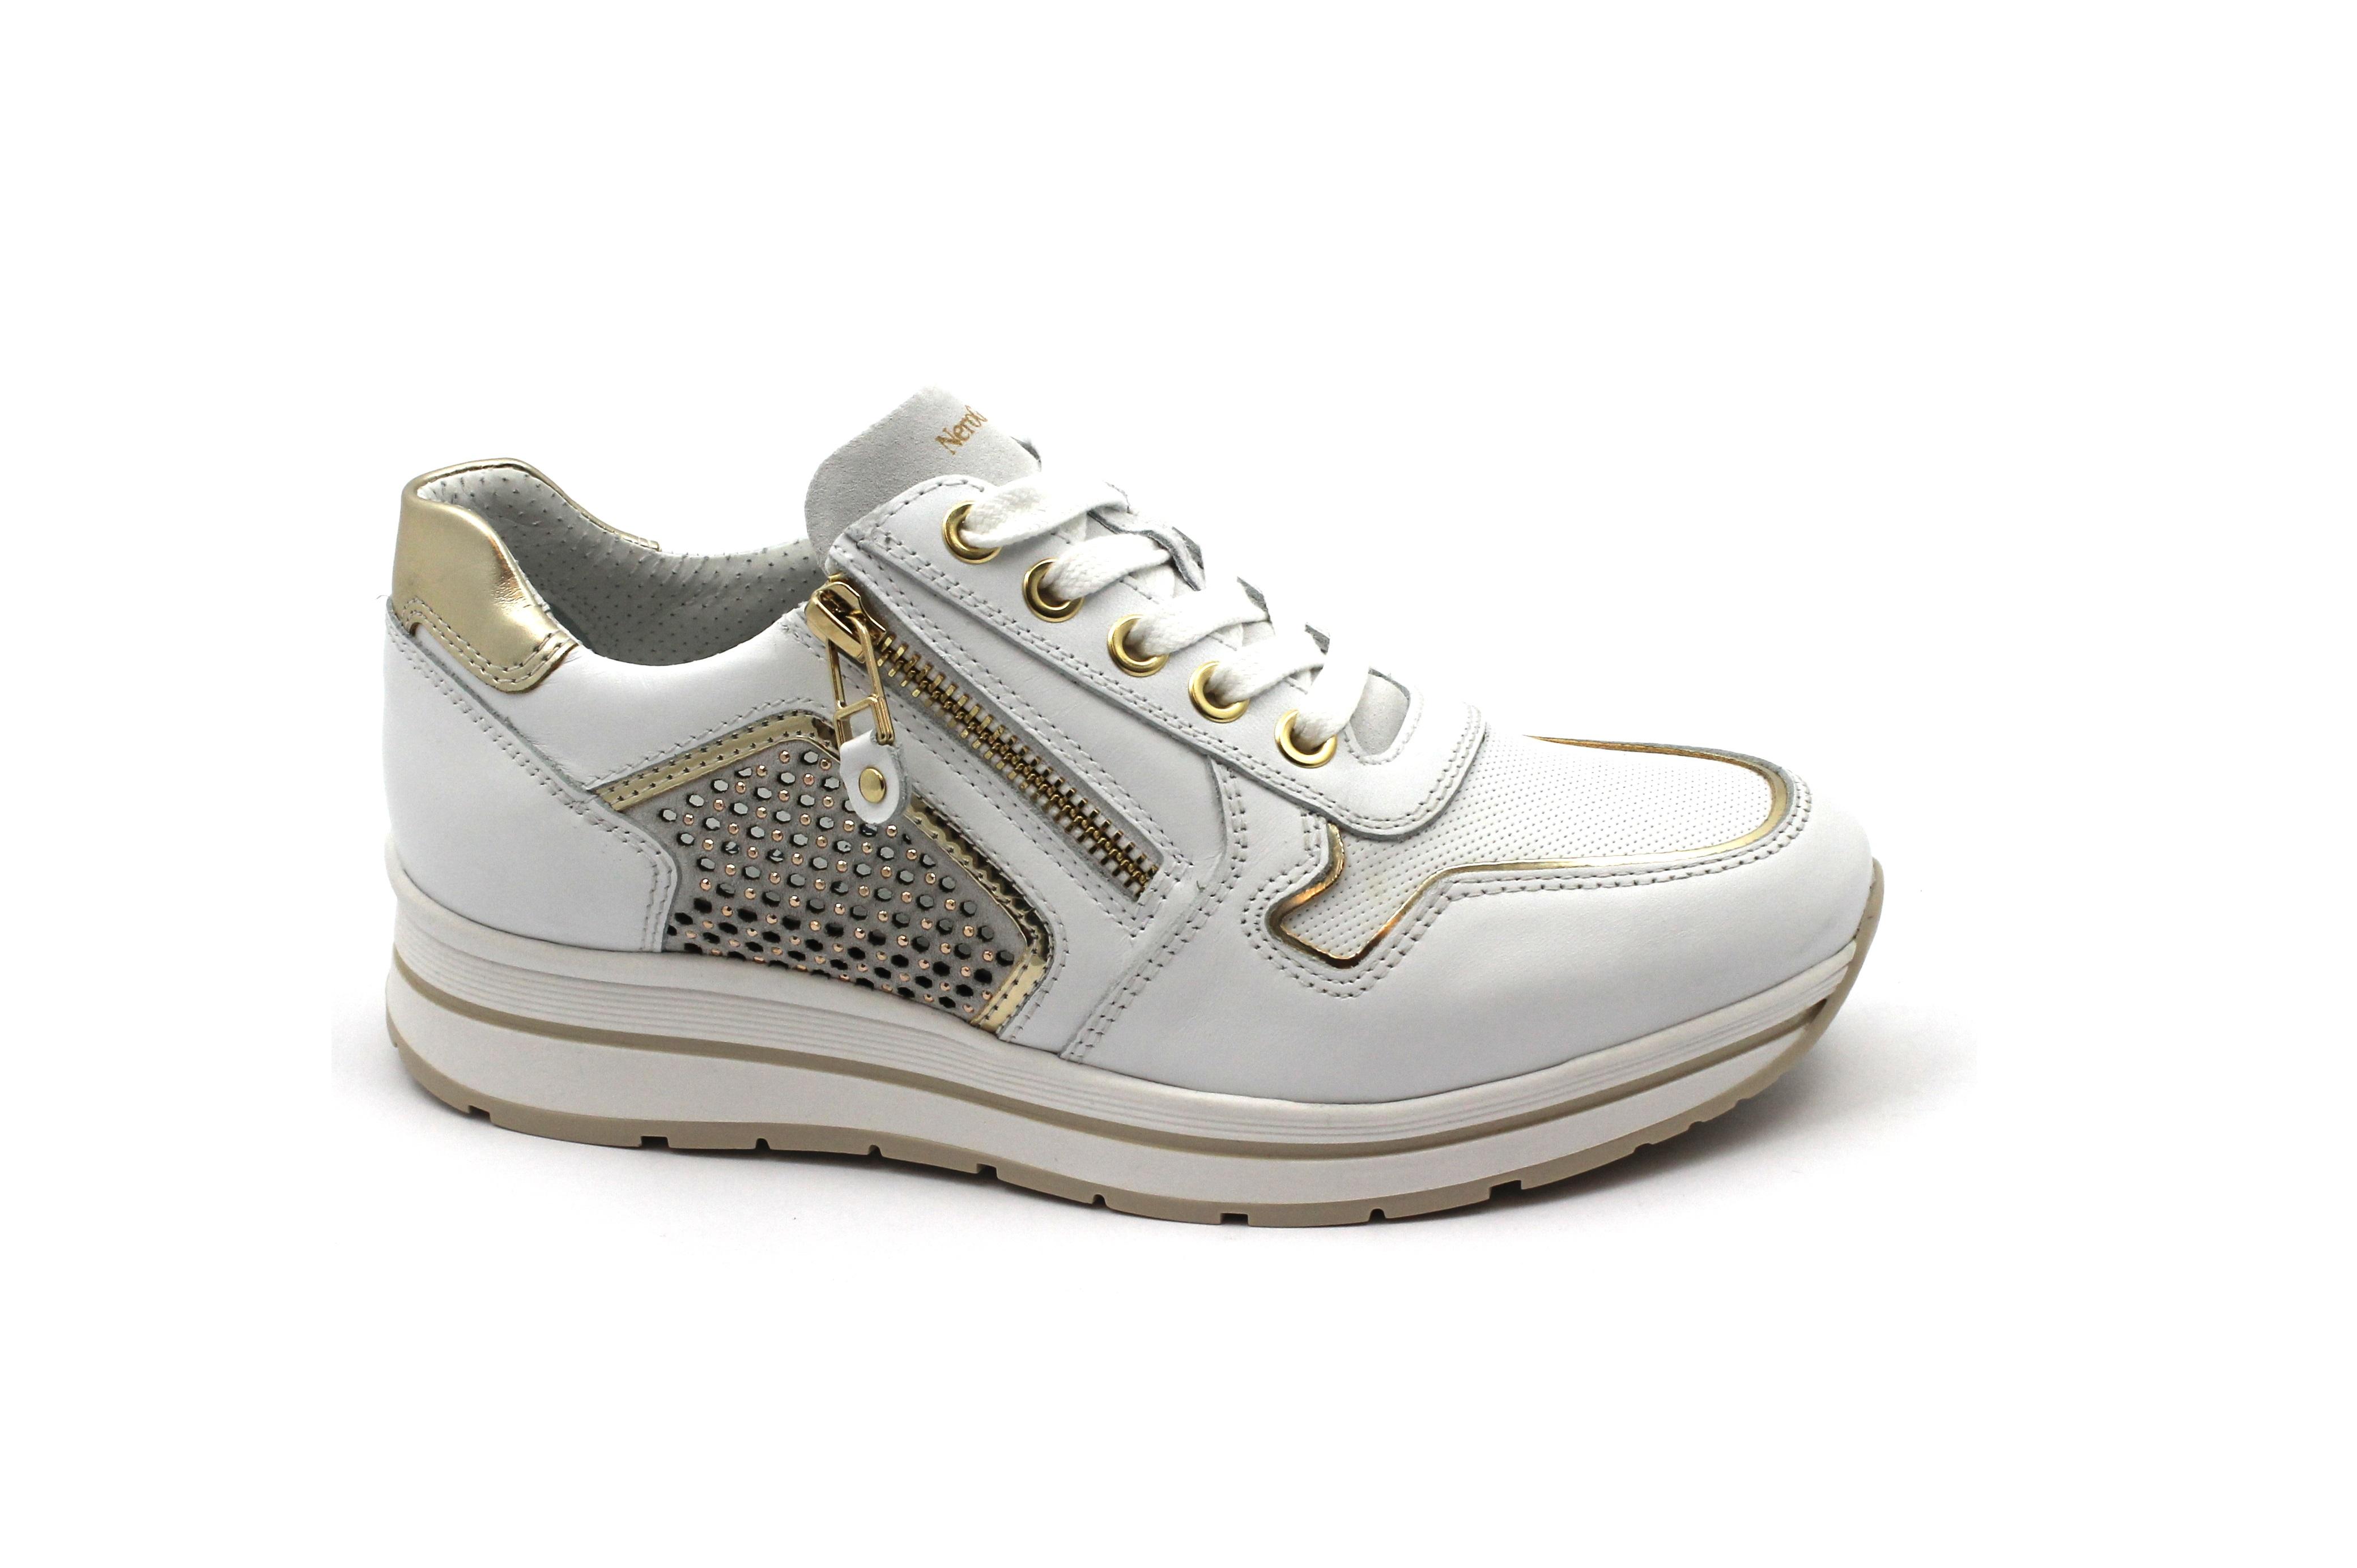 NERO GIARDINI 05241 bianco oro oro bianco bianco bianco scarpe donna sportive   e4e8e8